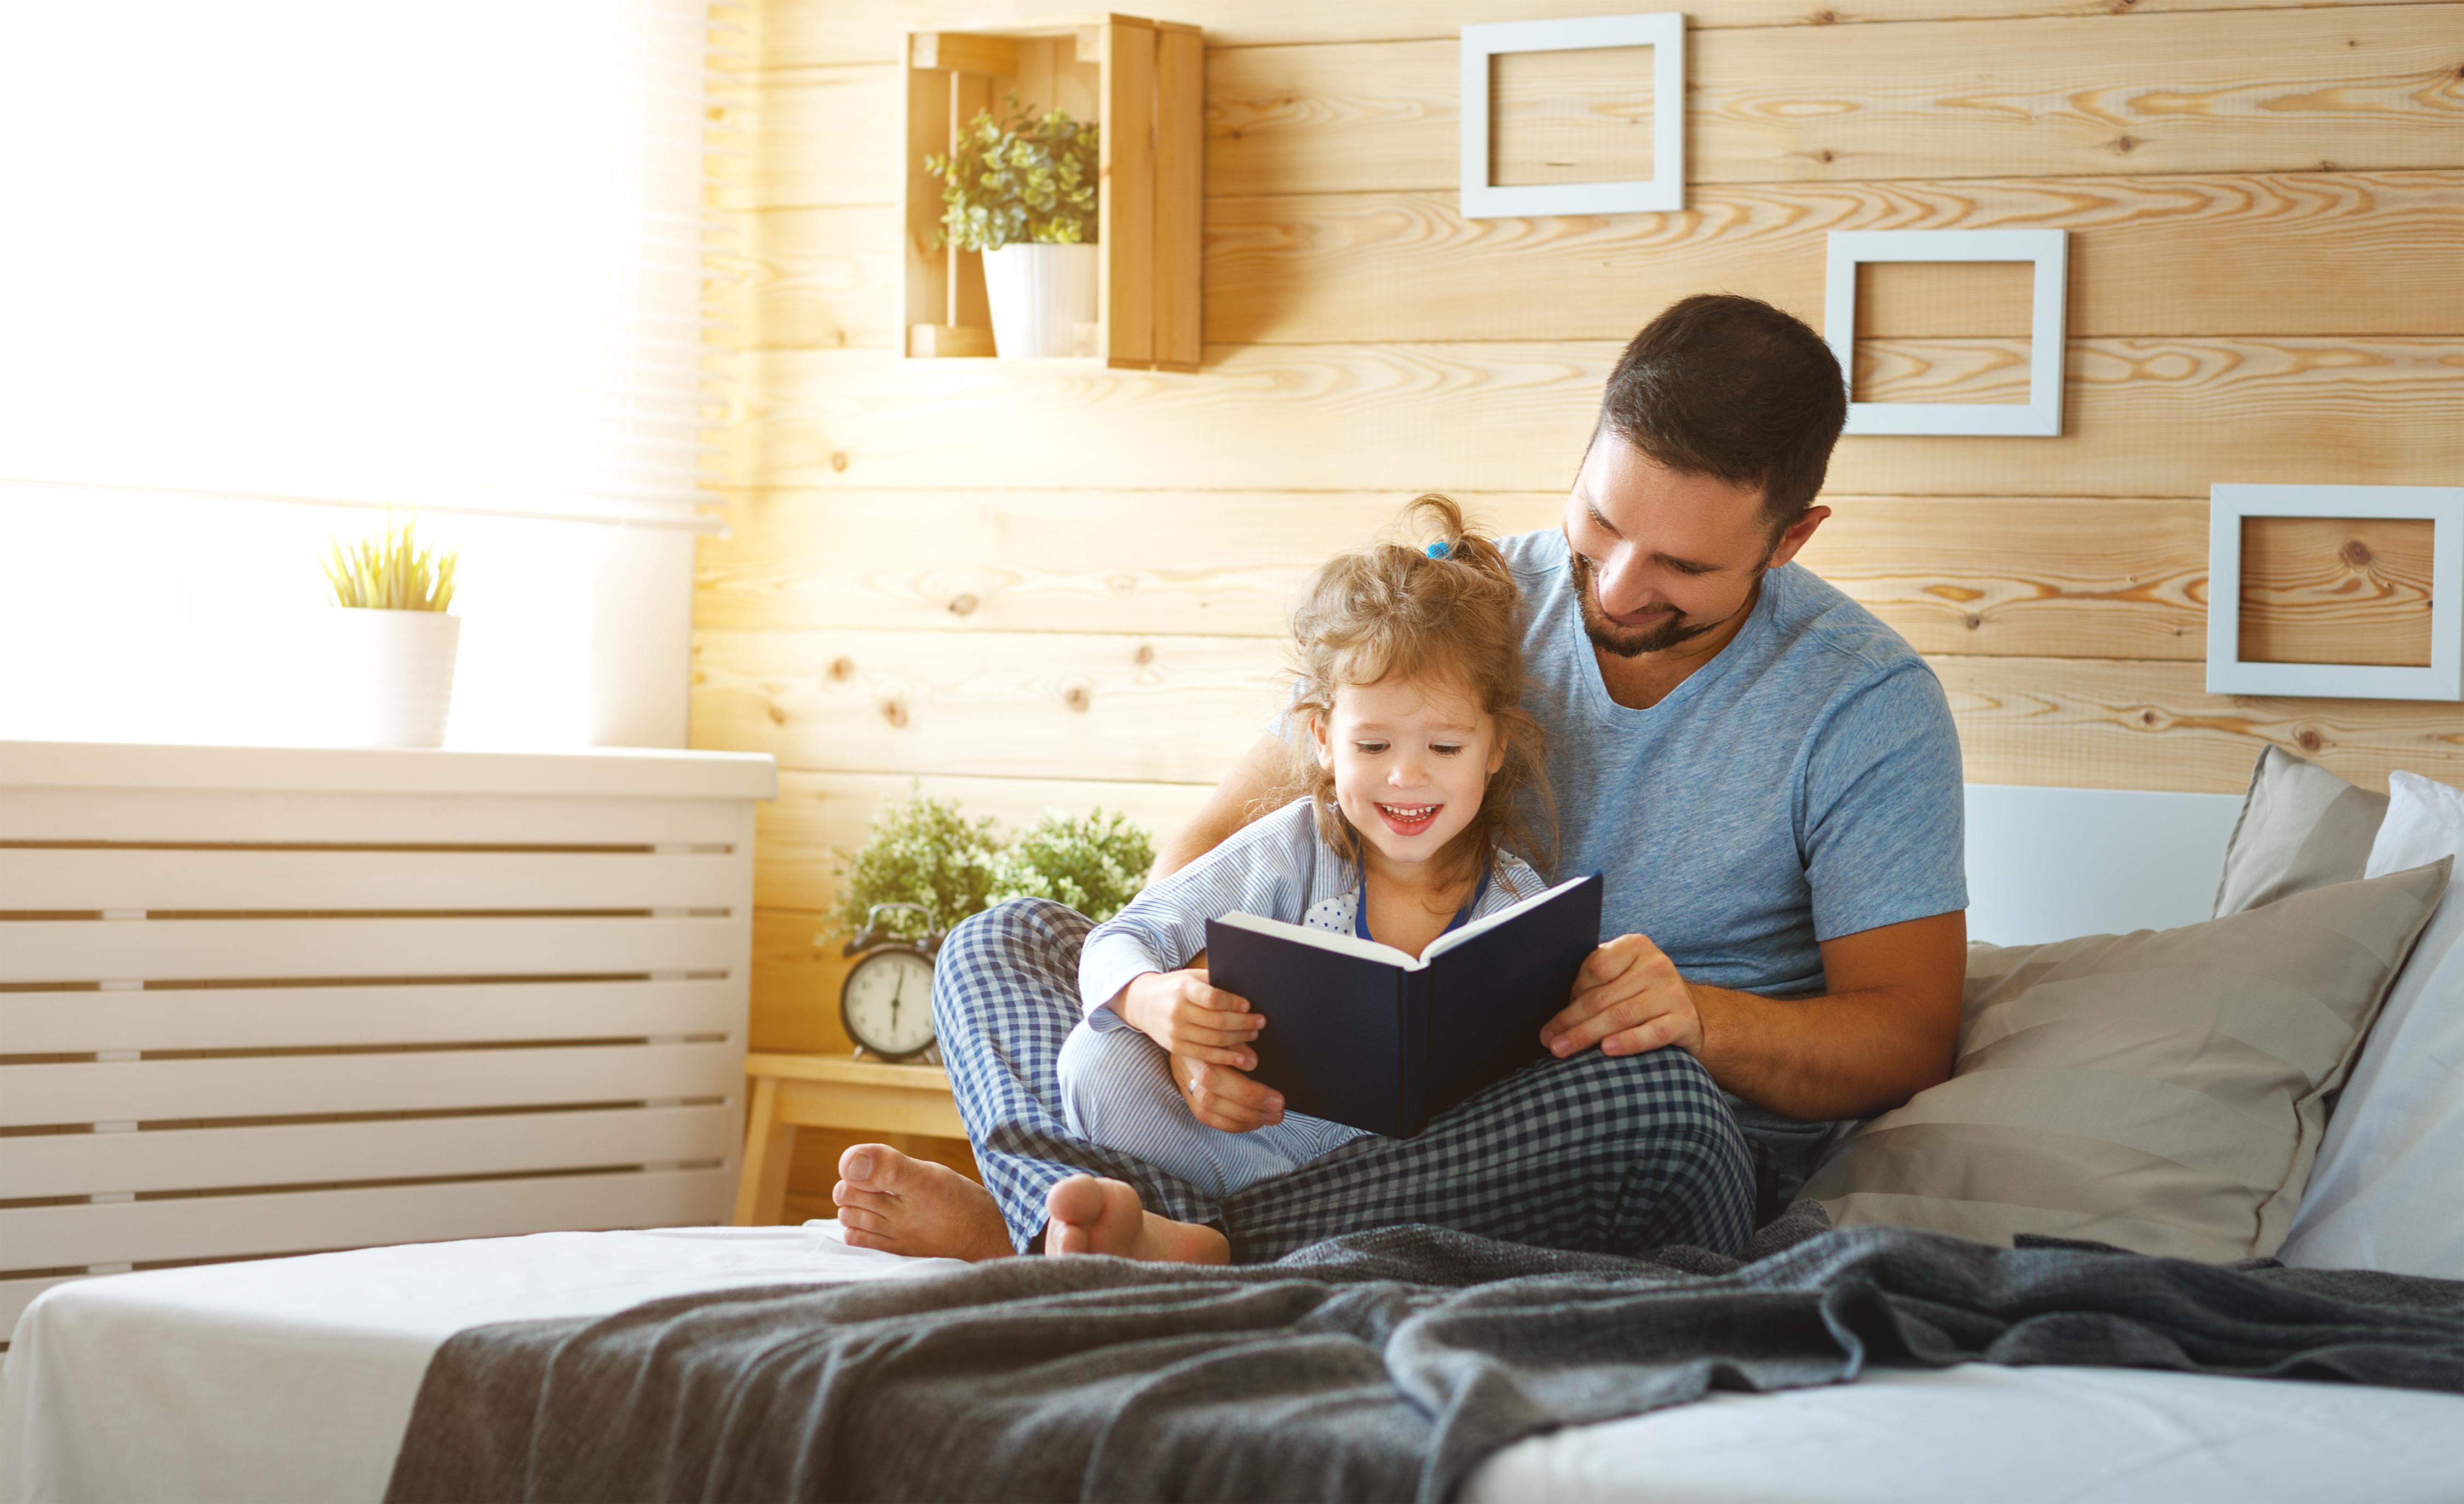 Vater liest ein Buch mit seinder Tochter